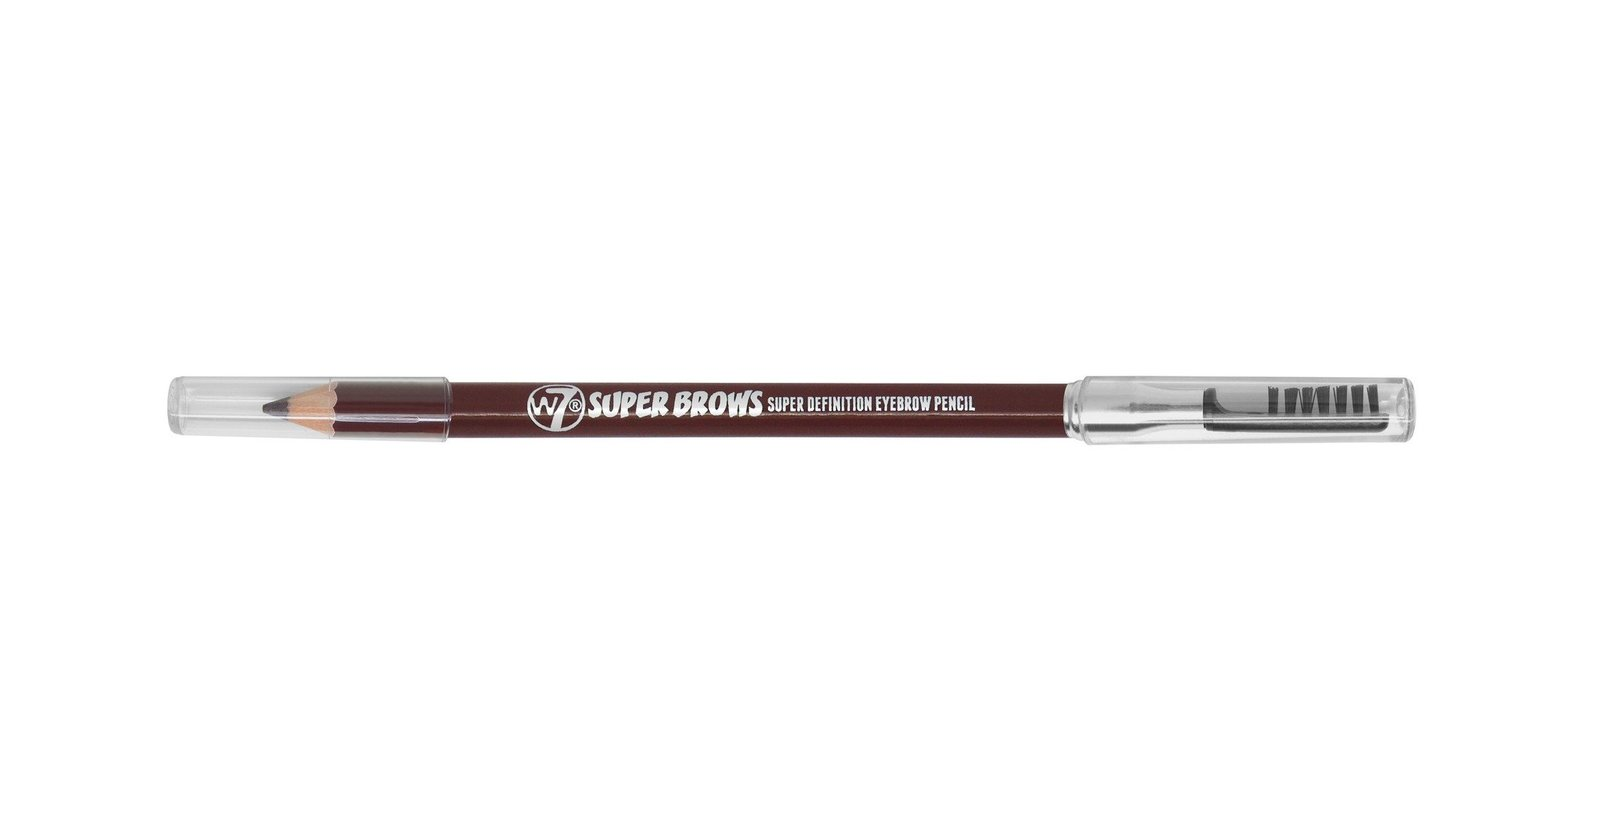 W7 Super Brows Pencil (Brown) image